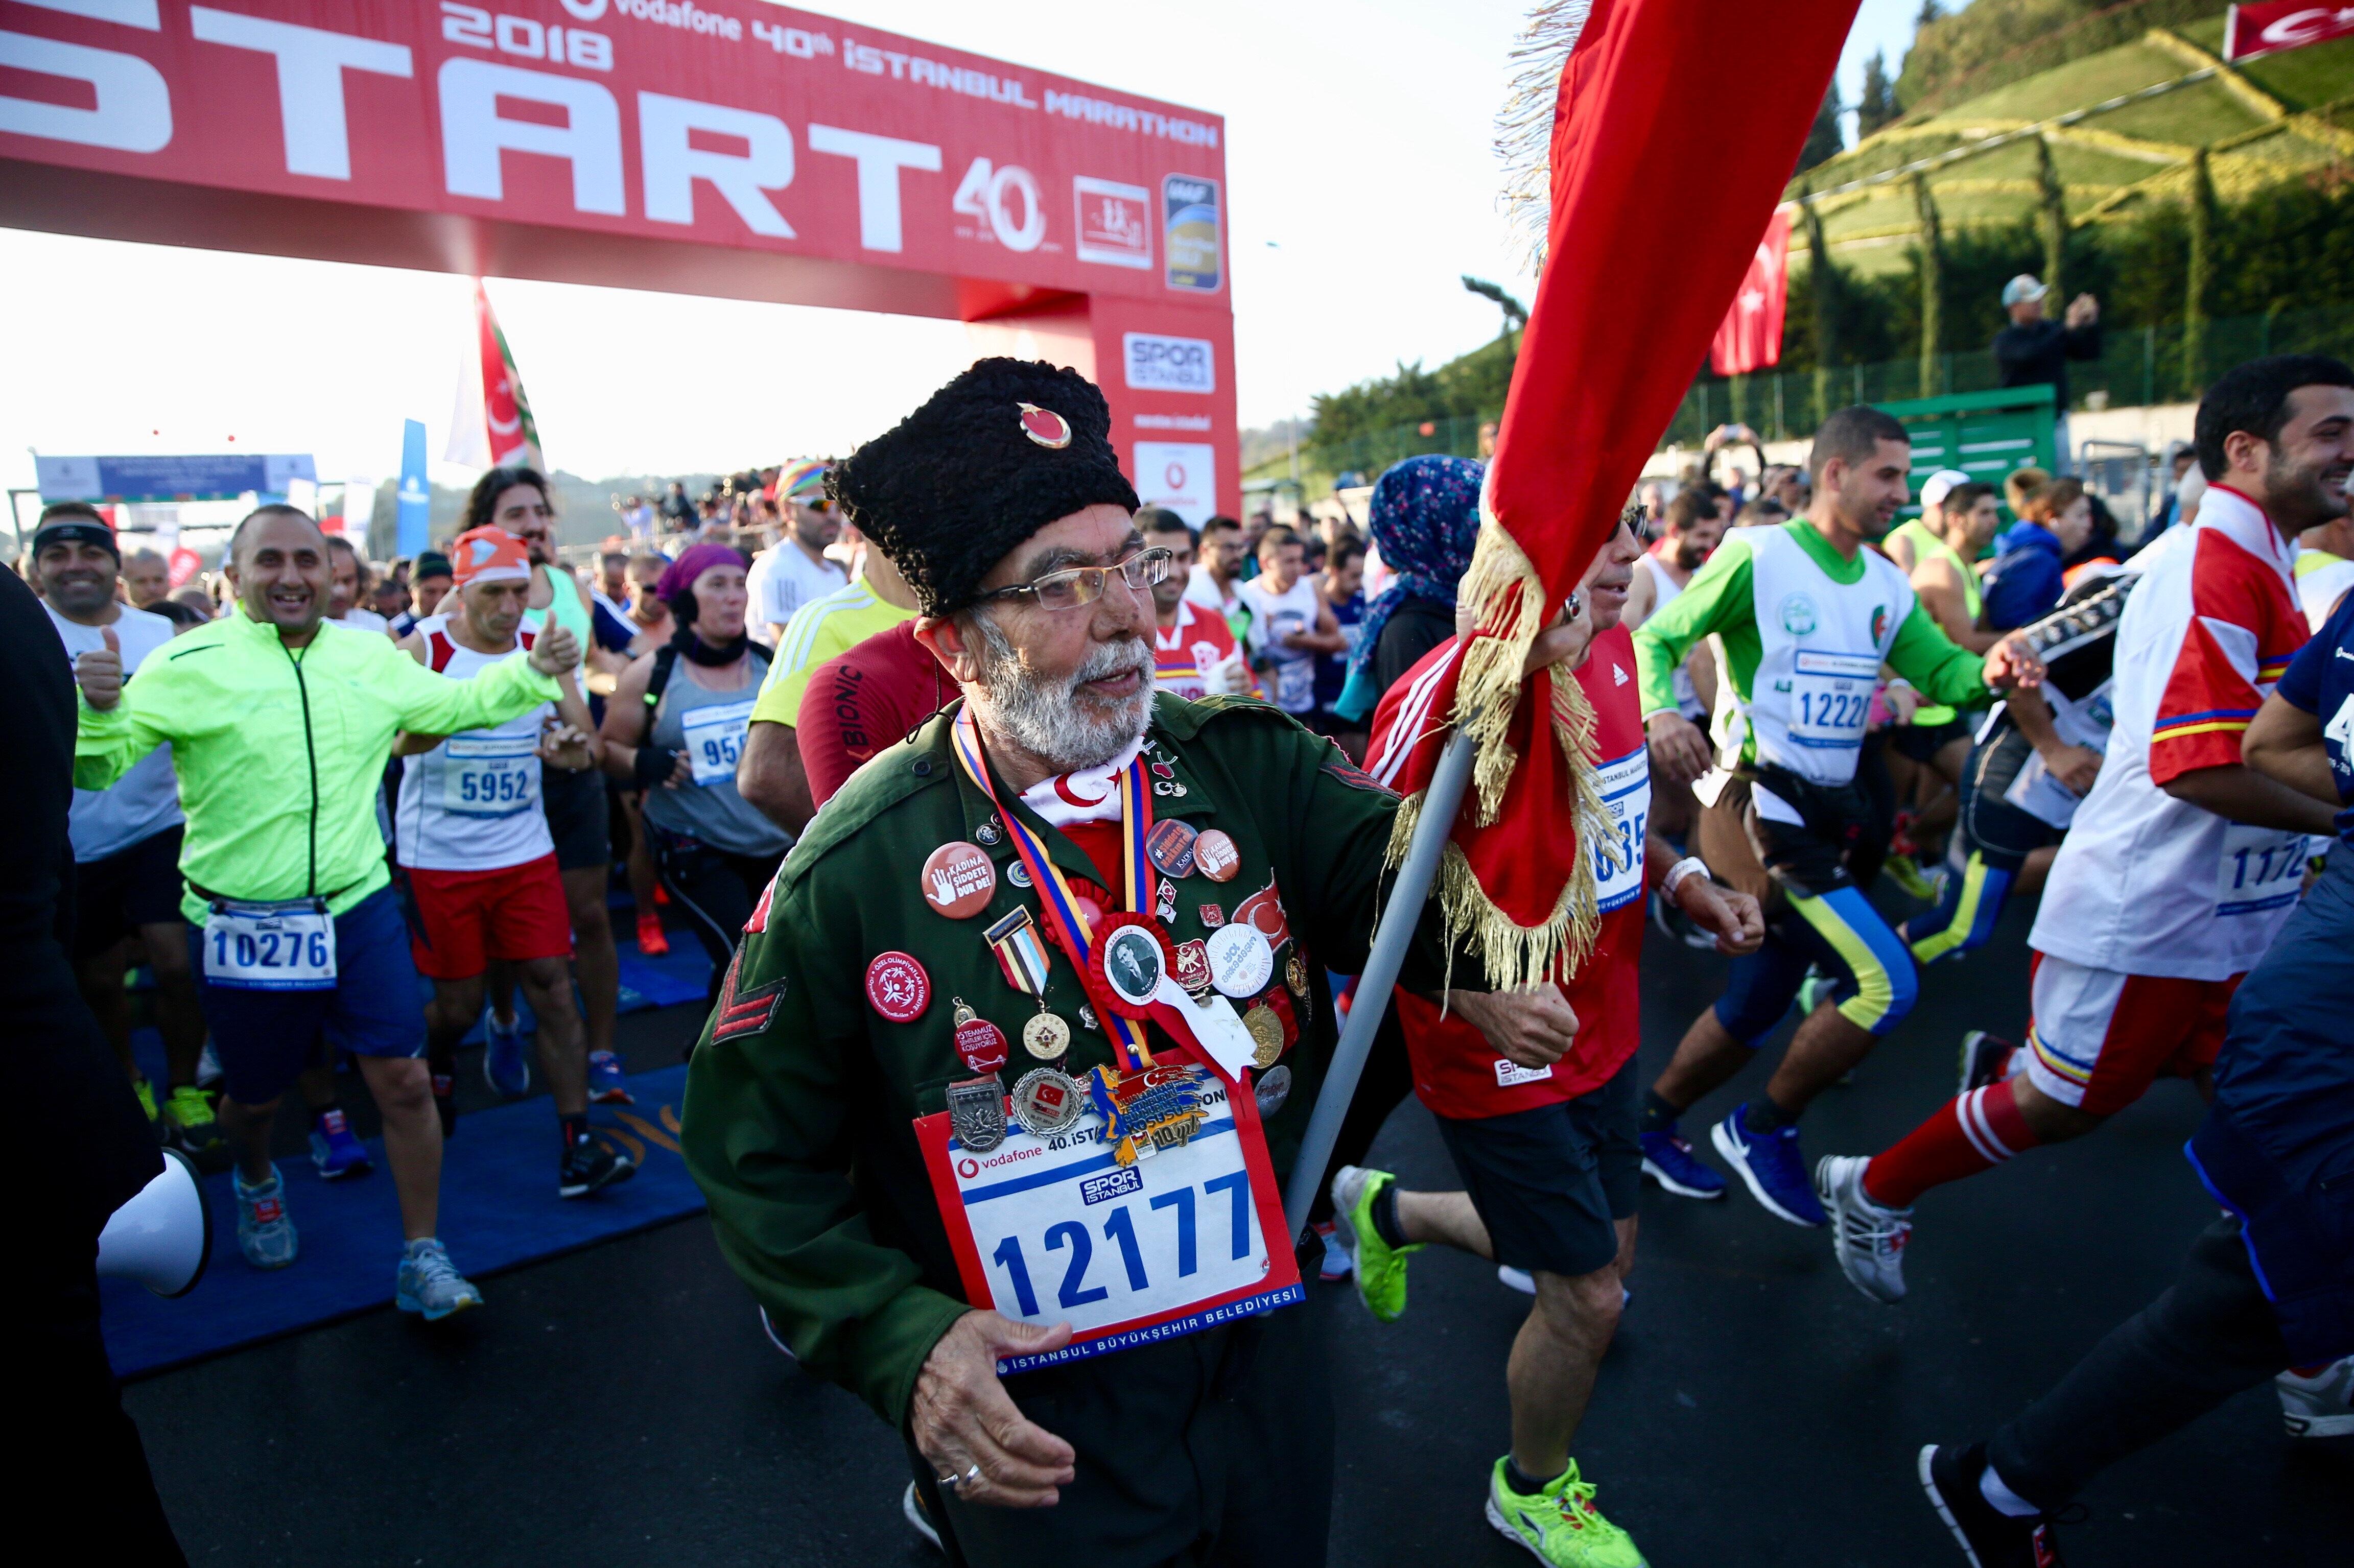 Halk koşusuna yaklaşık 100 bin katılımın olduğu ifade ediliyor.